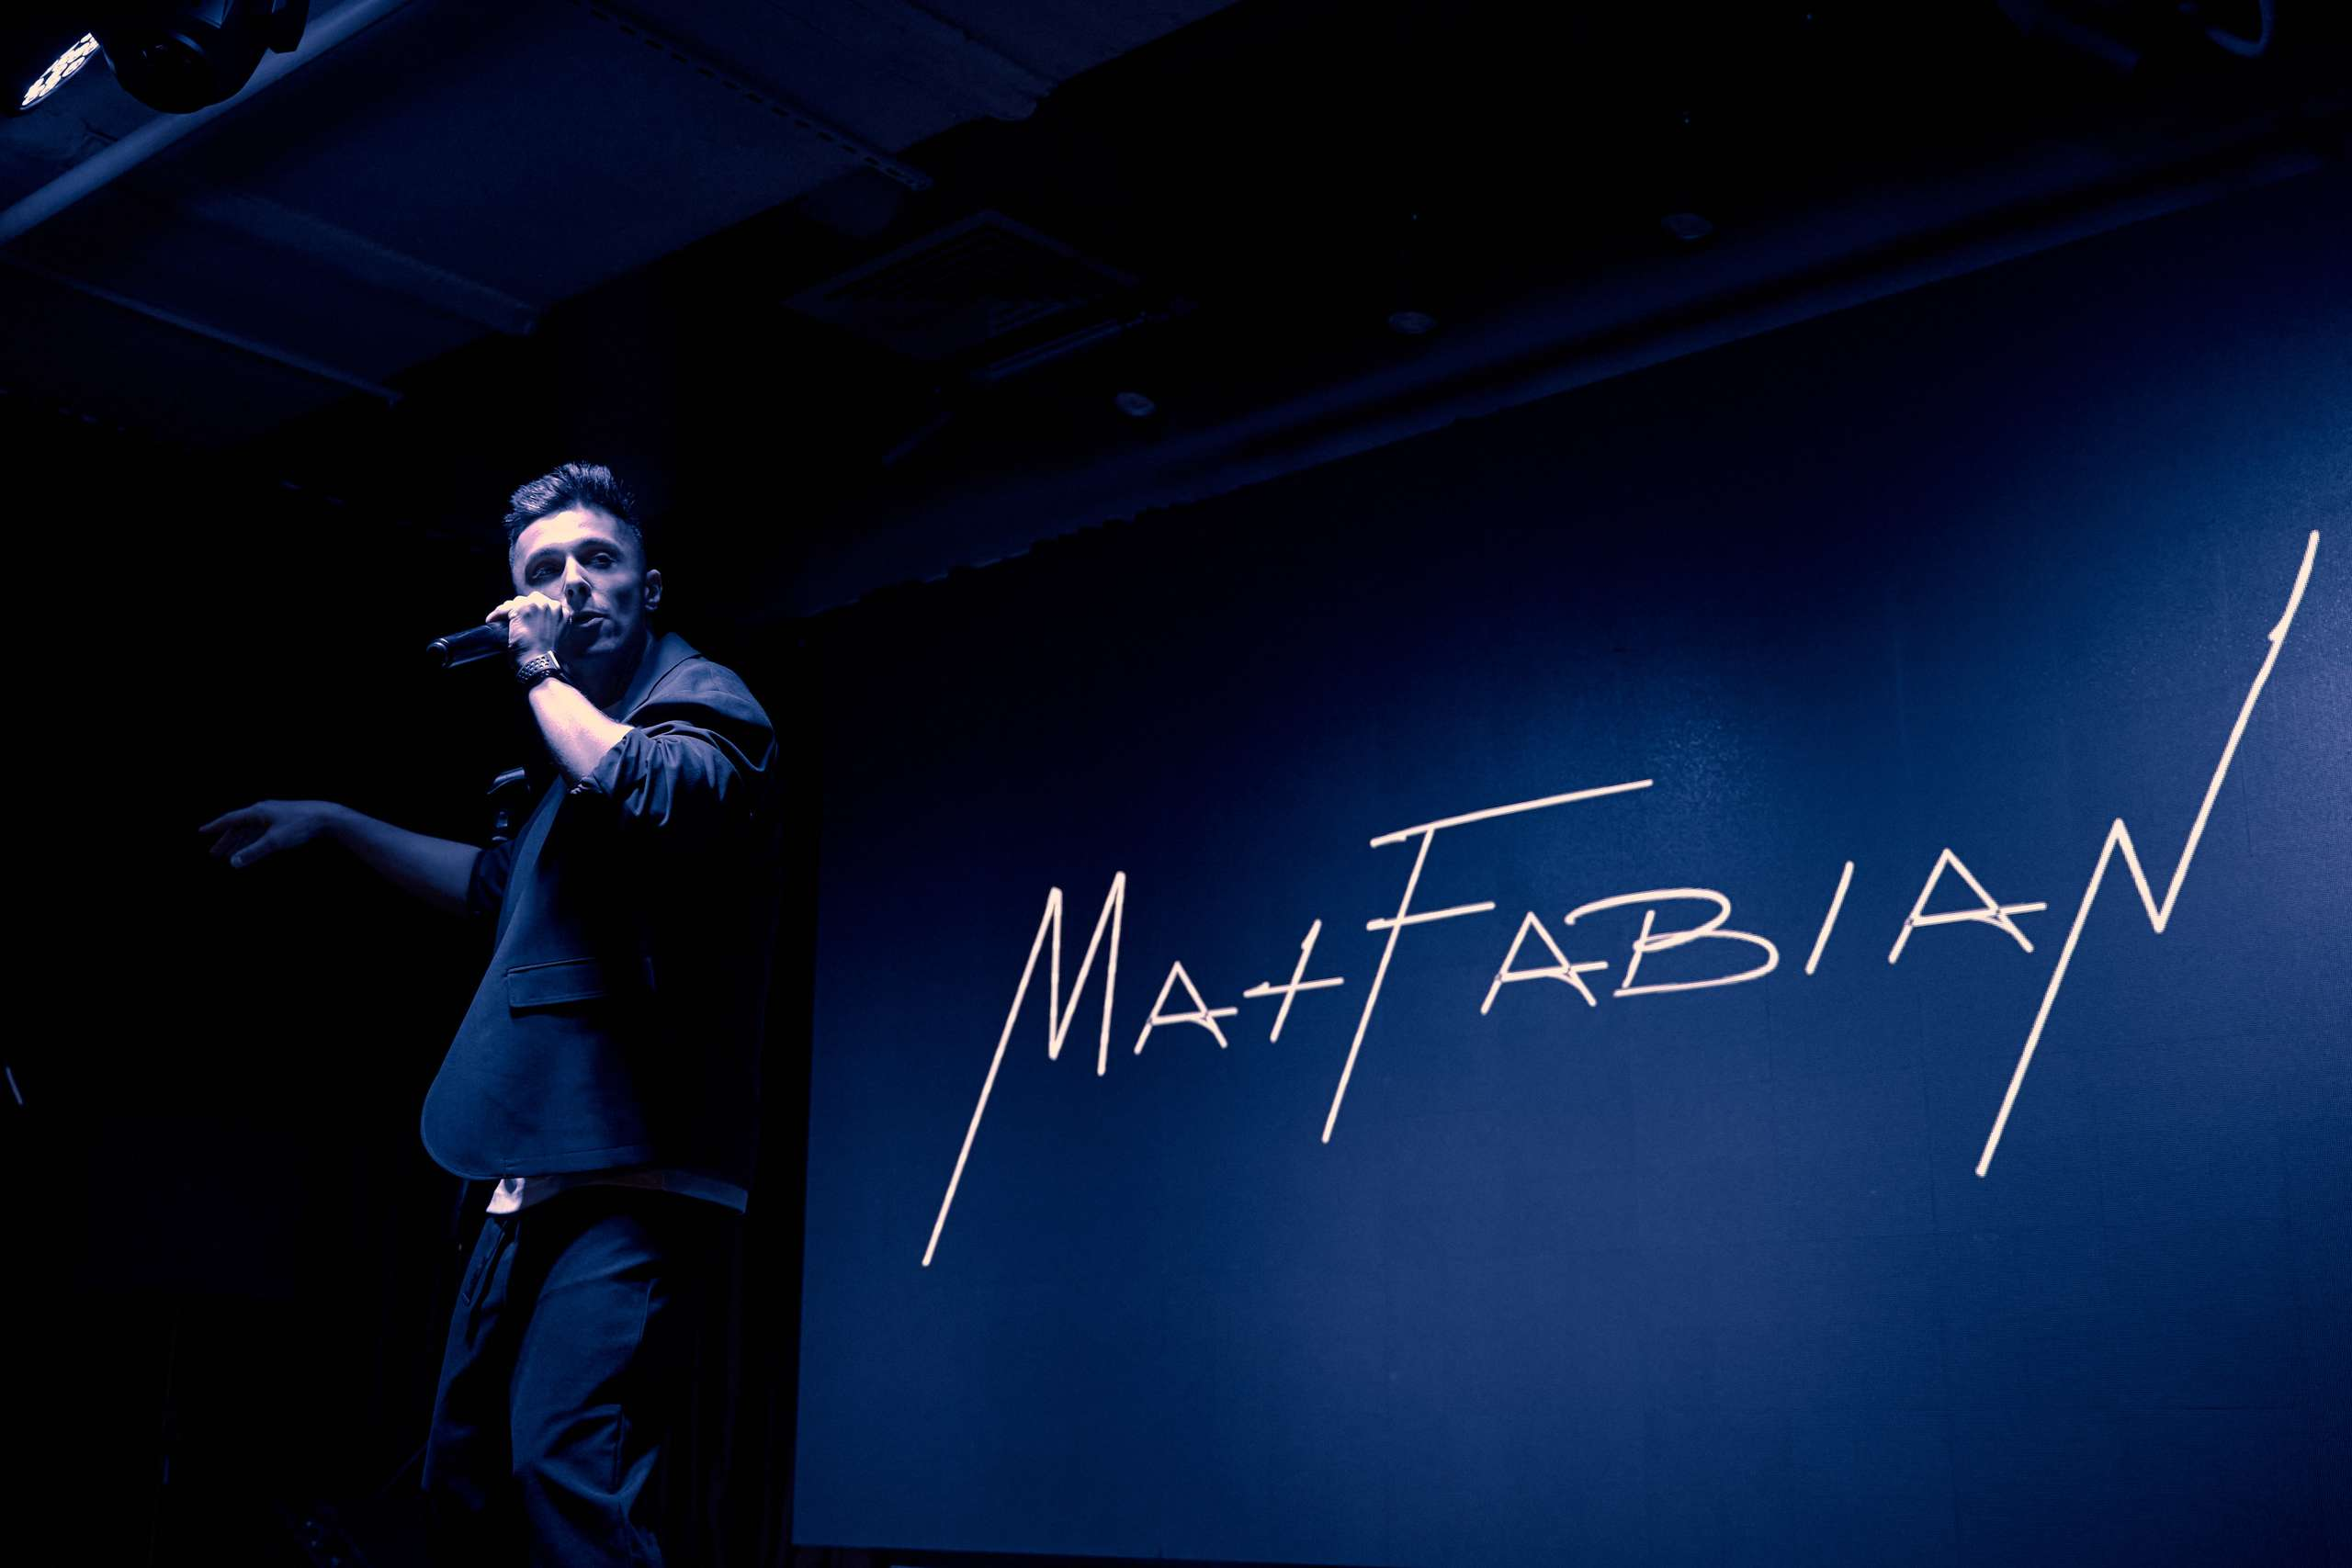 Max Fabian